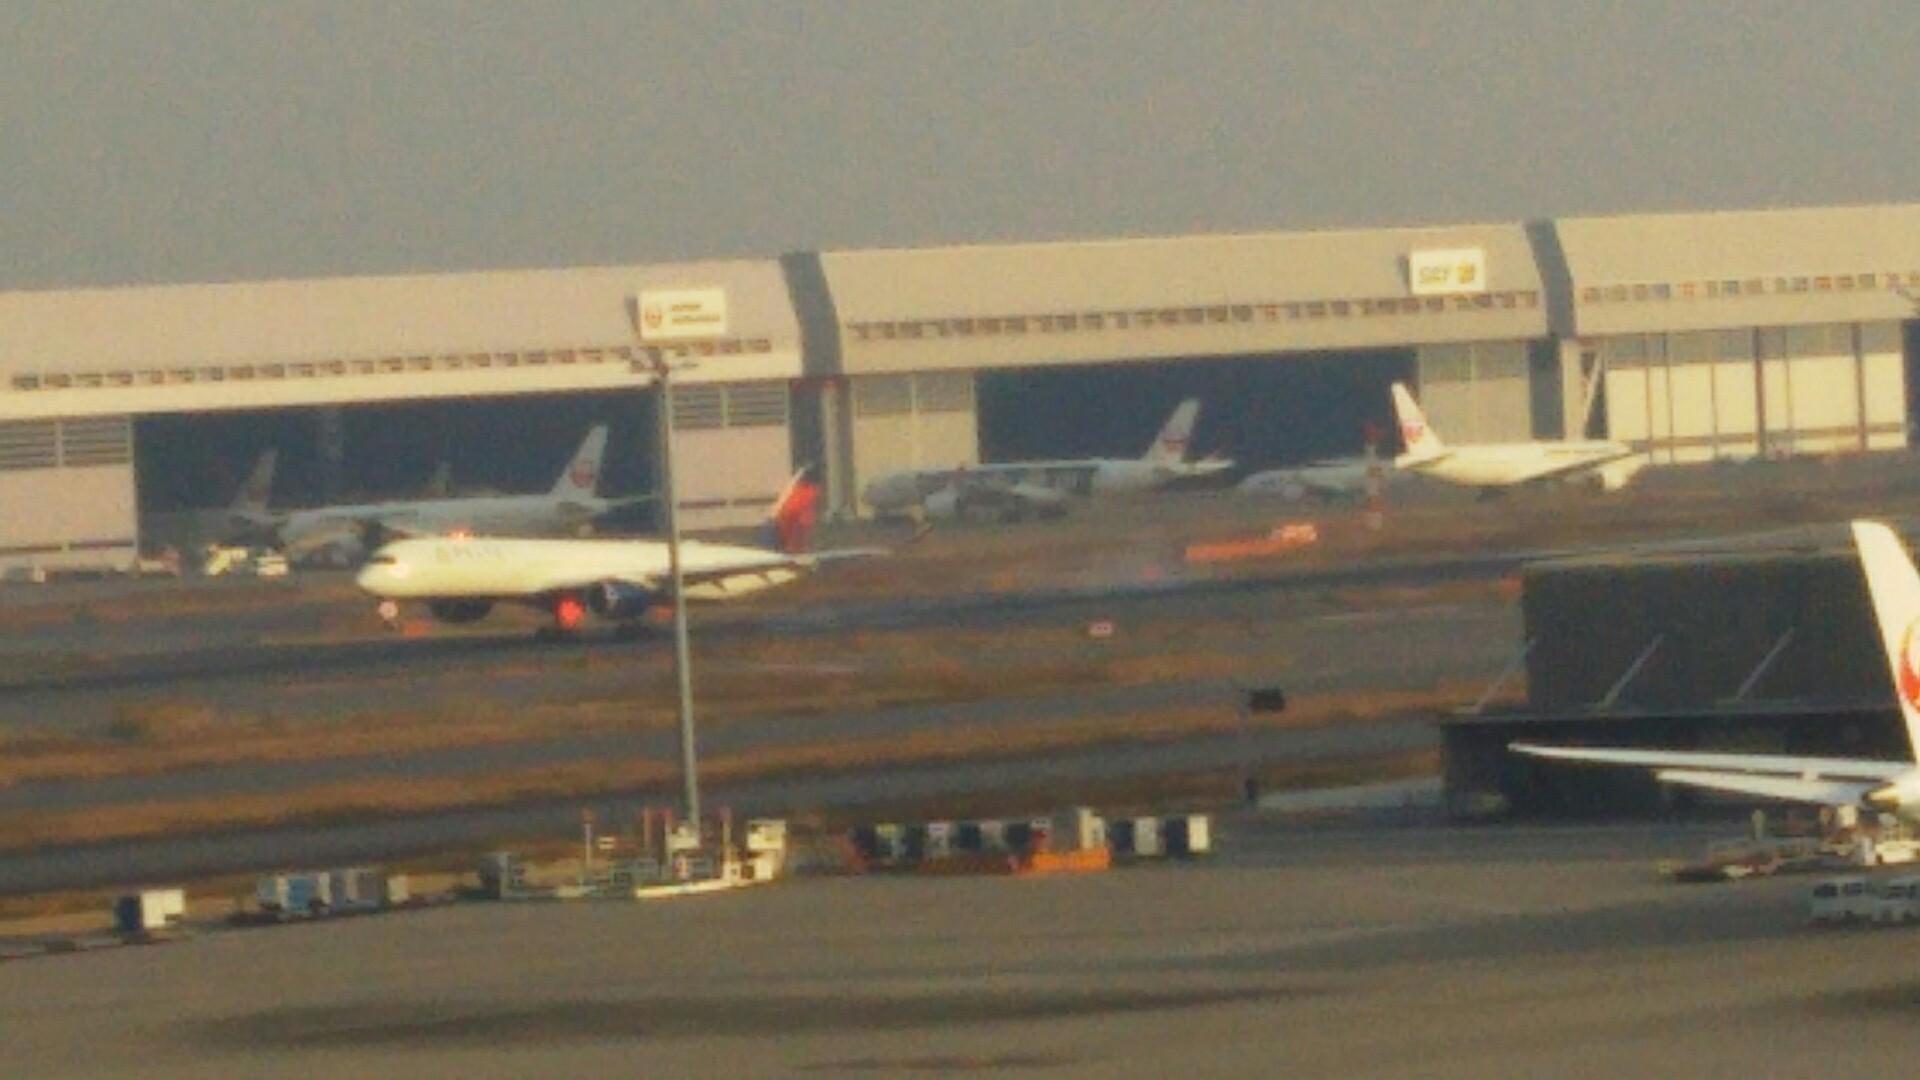 f:id:A350-900:20210109215218j:image